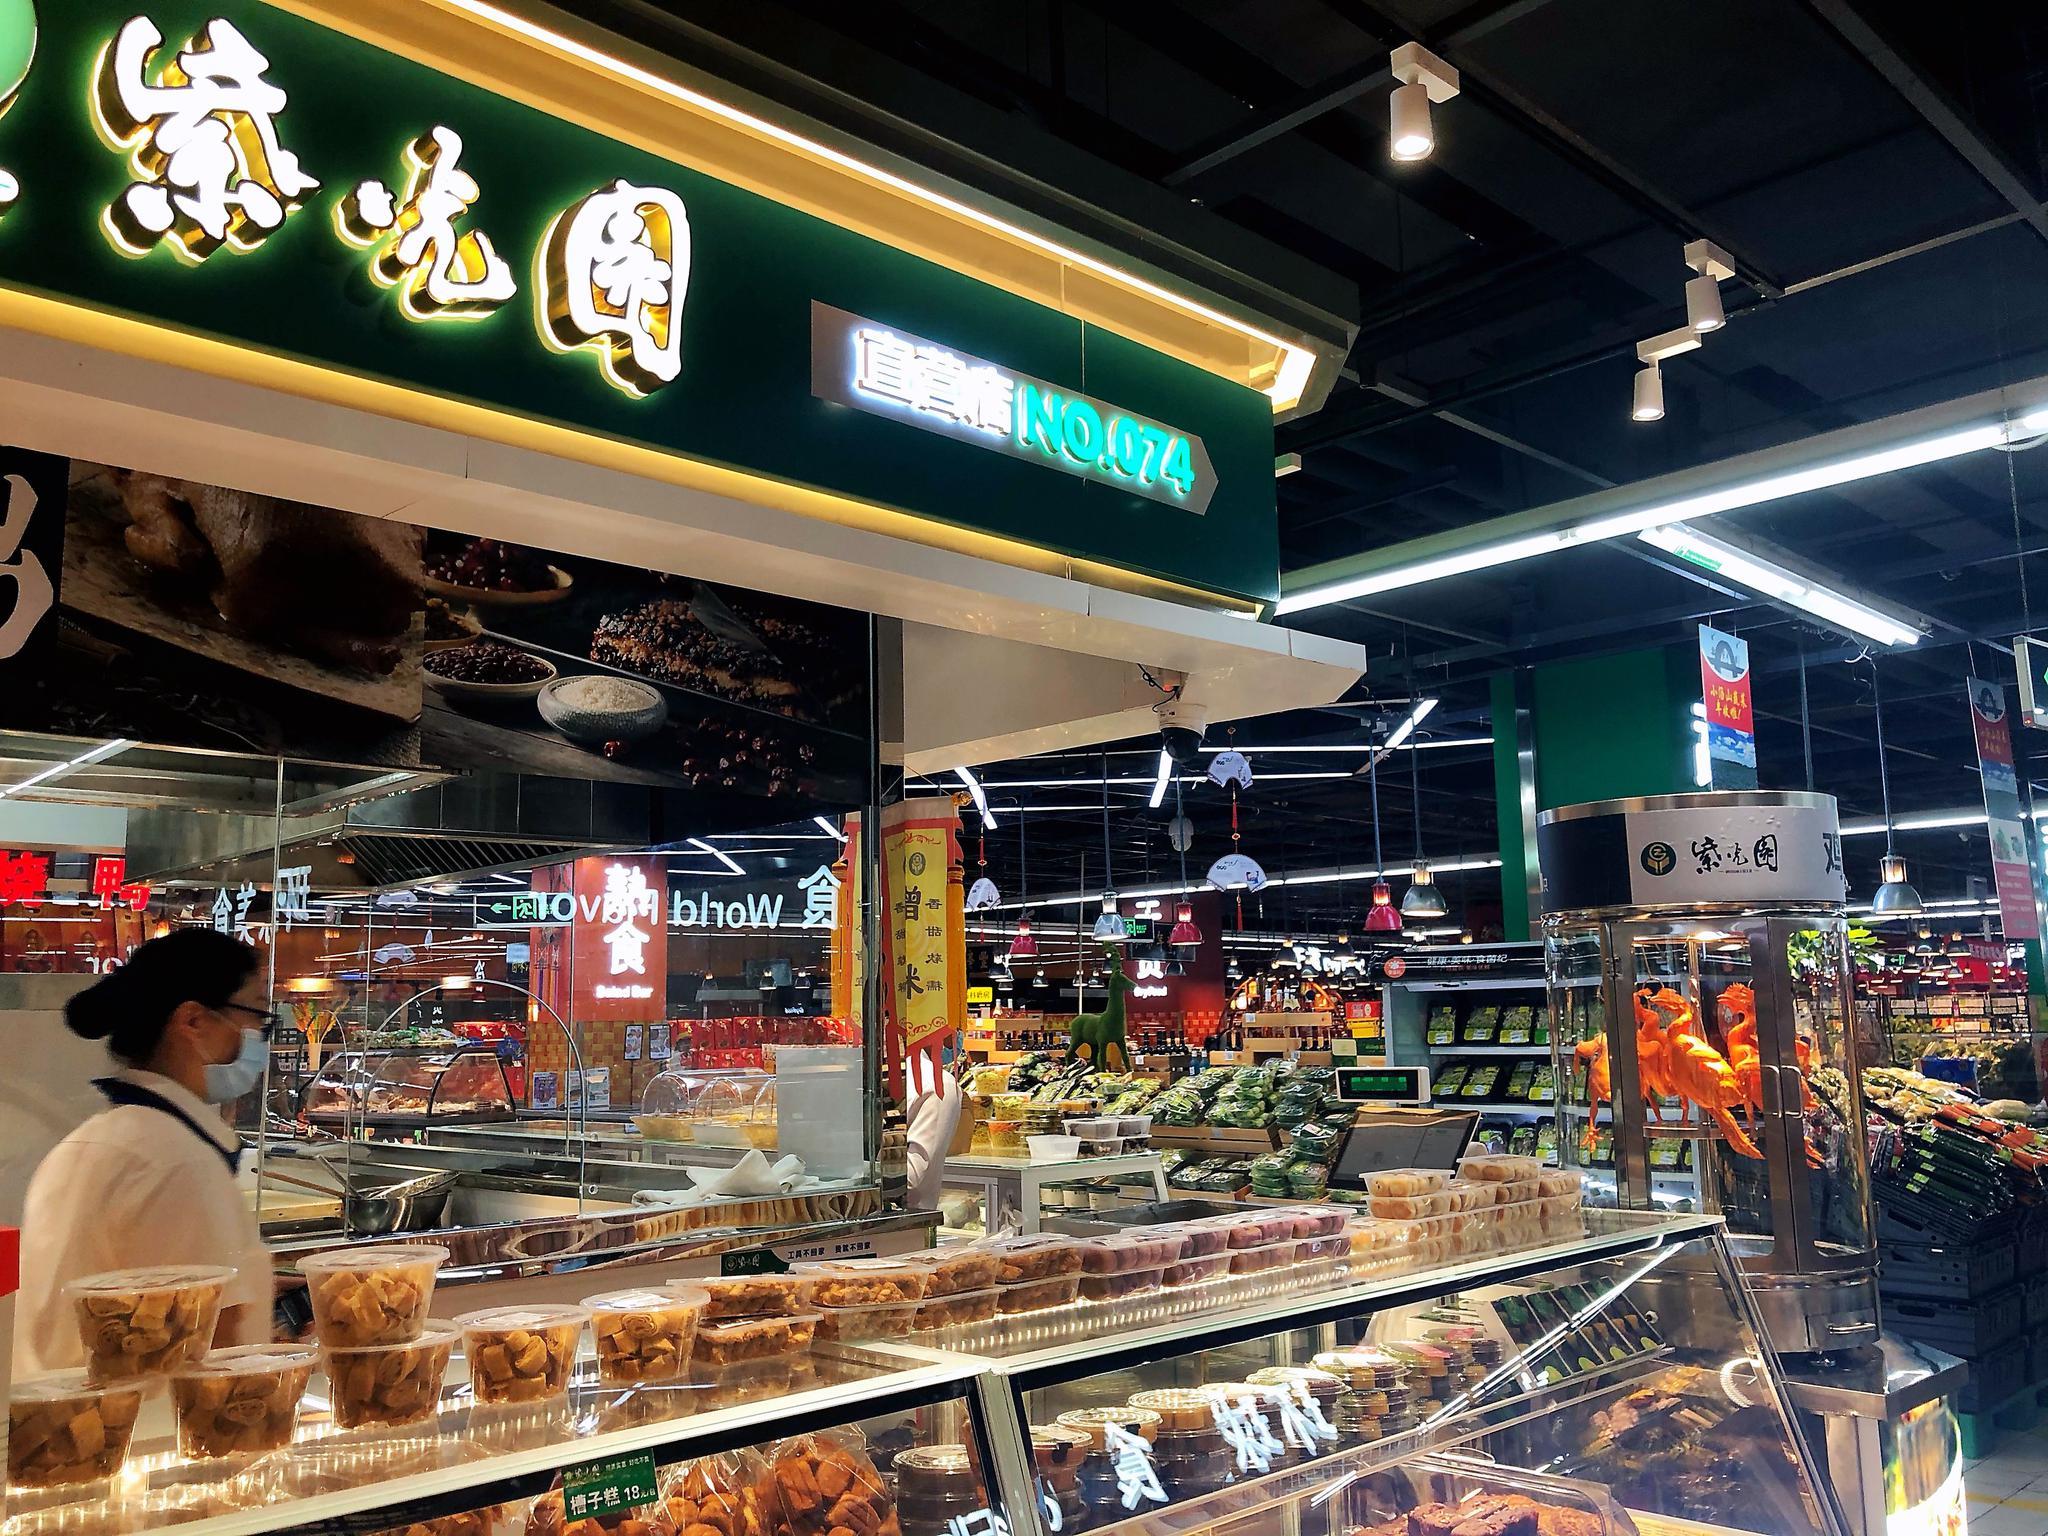 布局中央厨房、进超市开档口,餐企开启增量市场比拼图片